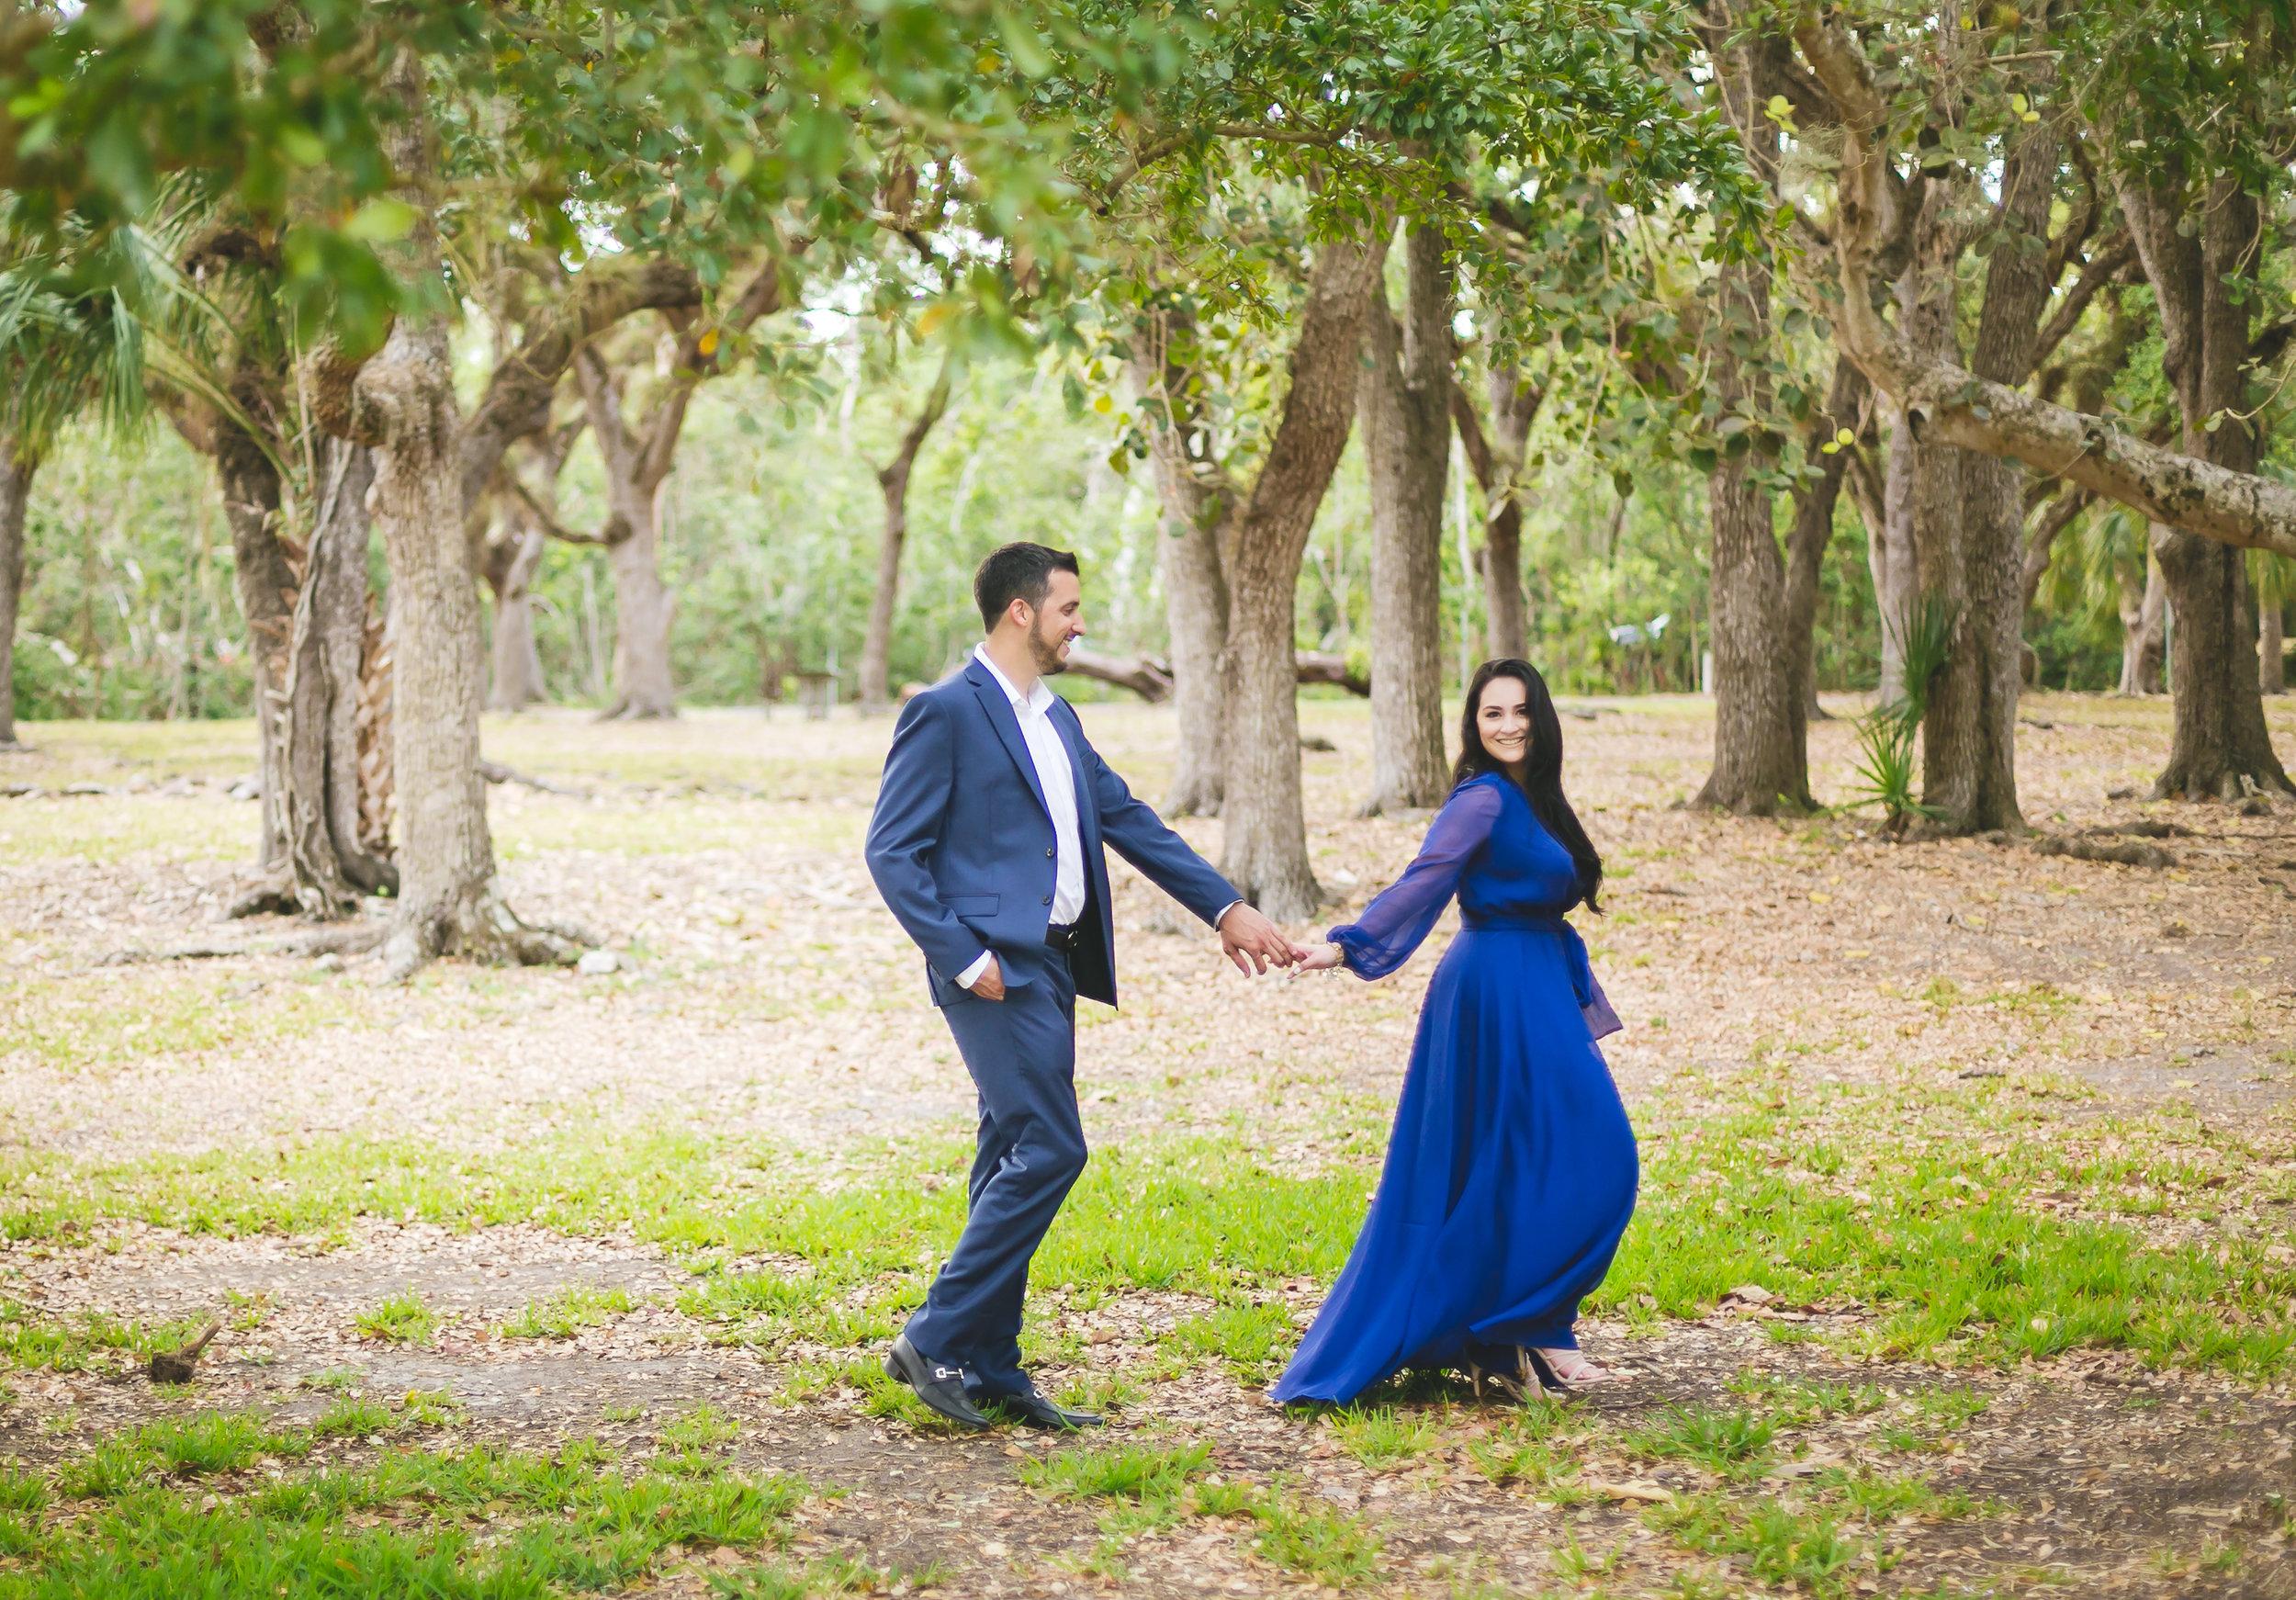 Matheson Hammock Engagement Photos - Dipp Photography